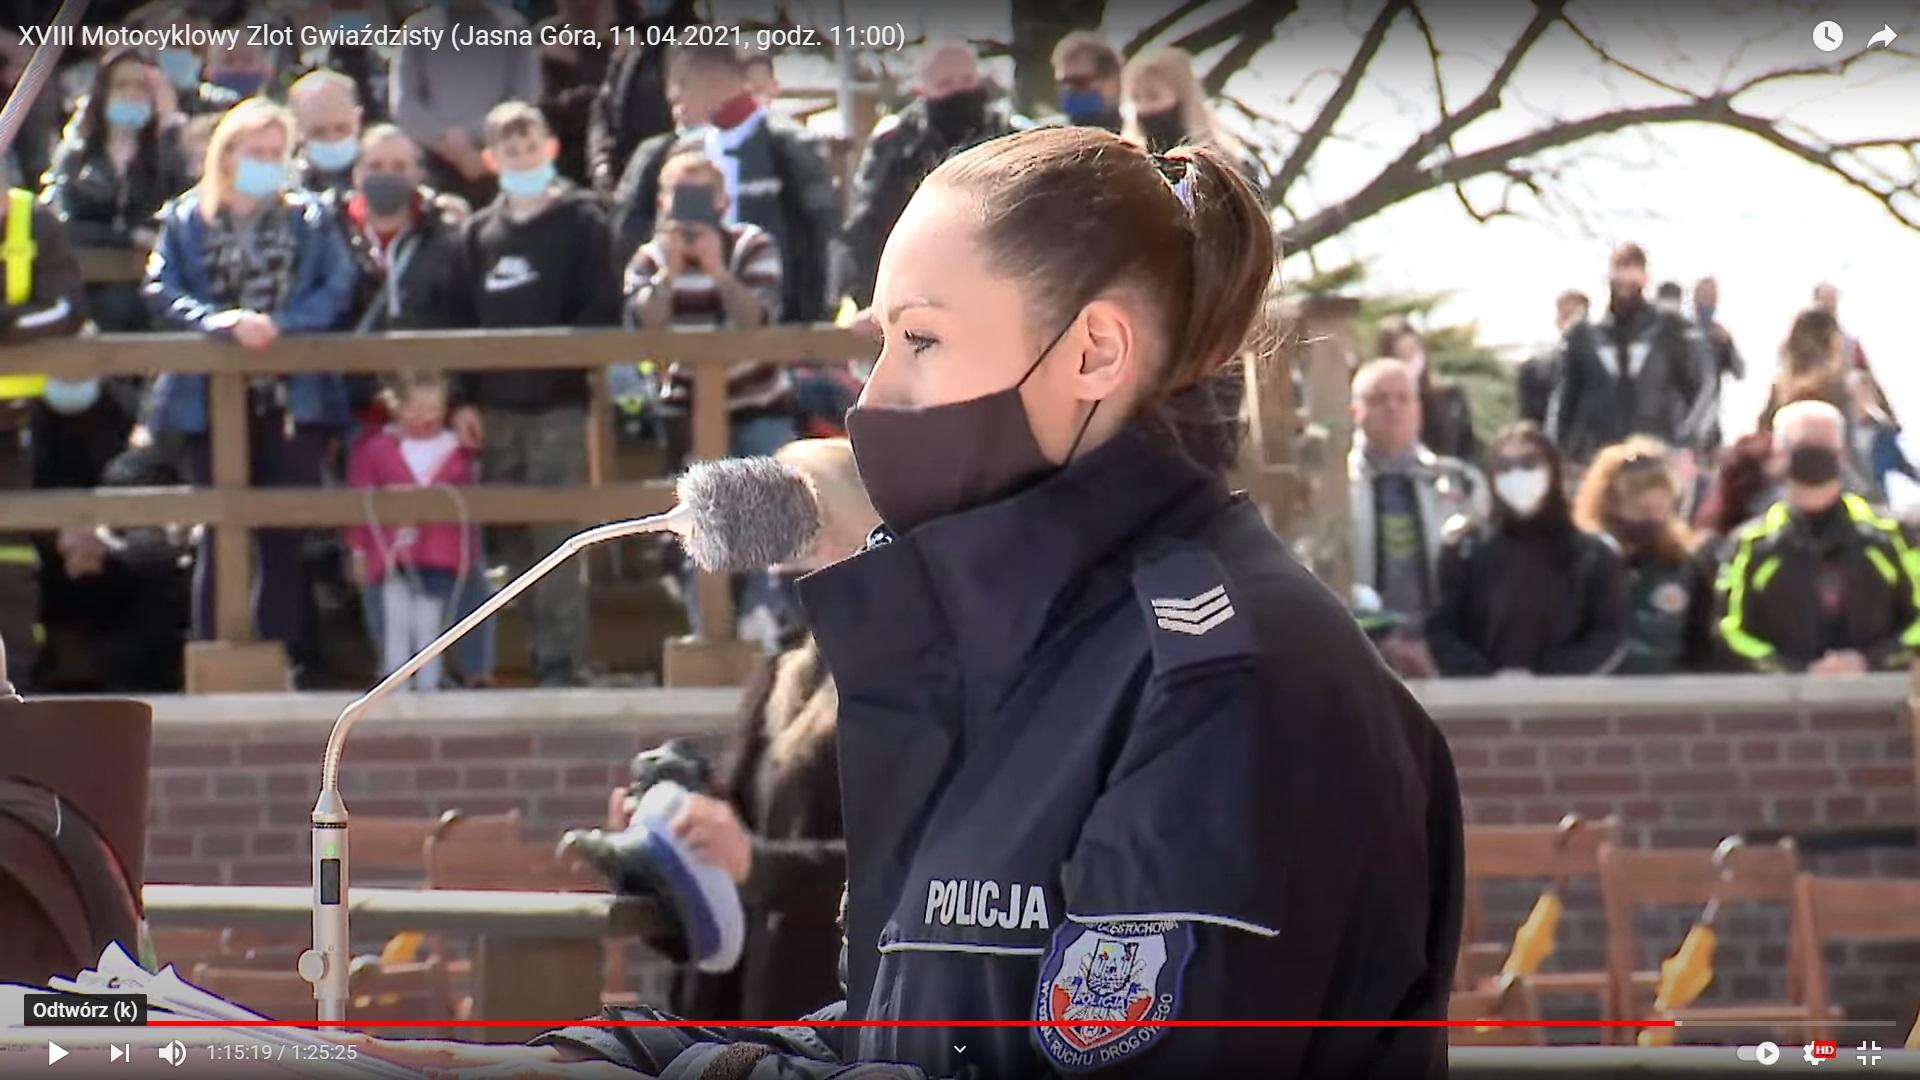 Policjantka przemawia na motocyklowym zlocie gwiaździstym na Jasnej Górze